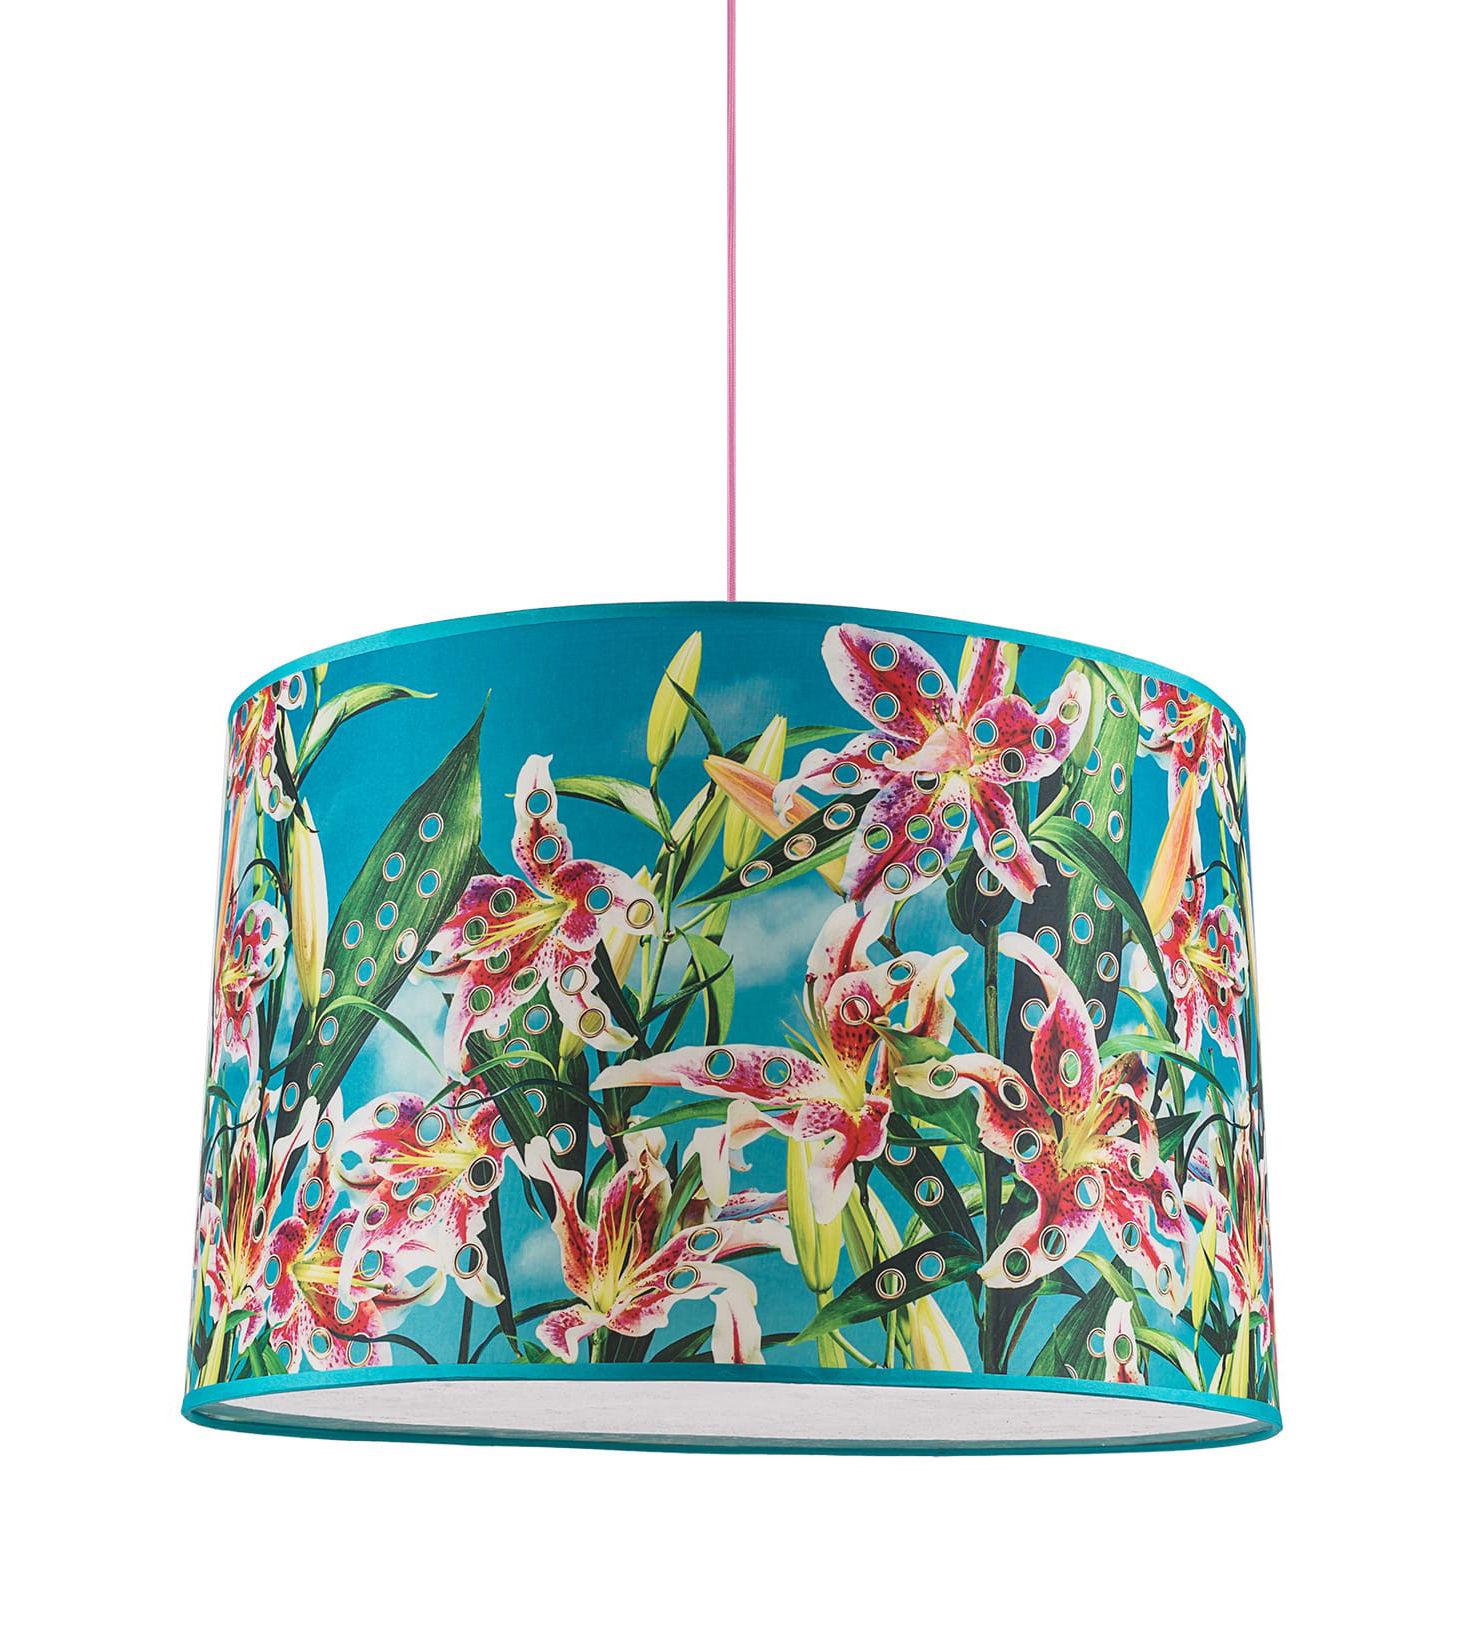 Illuminazione - Lampadari - Sospensione Toiletpaper Large - / Flower with holes - Ø 52 cm di Seletti - Fiori crivellati - Plexiglas - Câble tissu